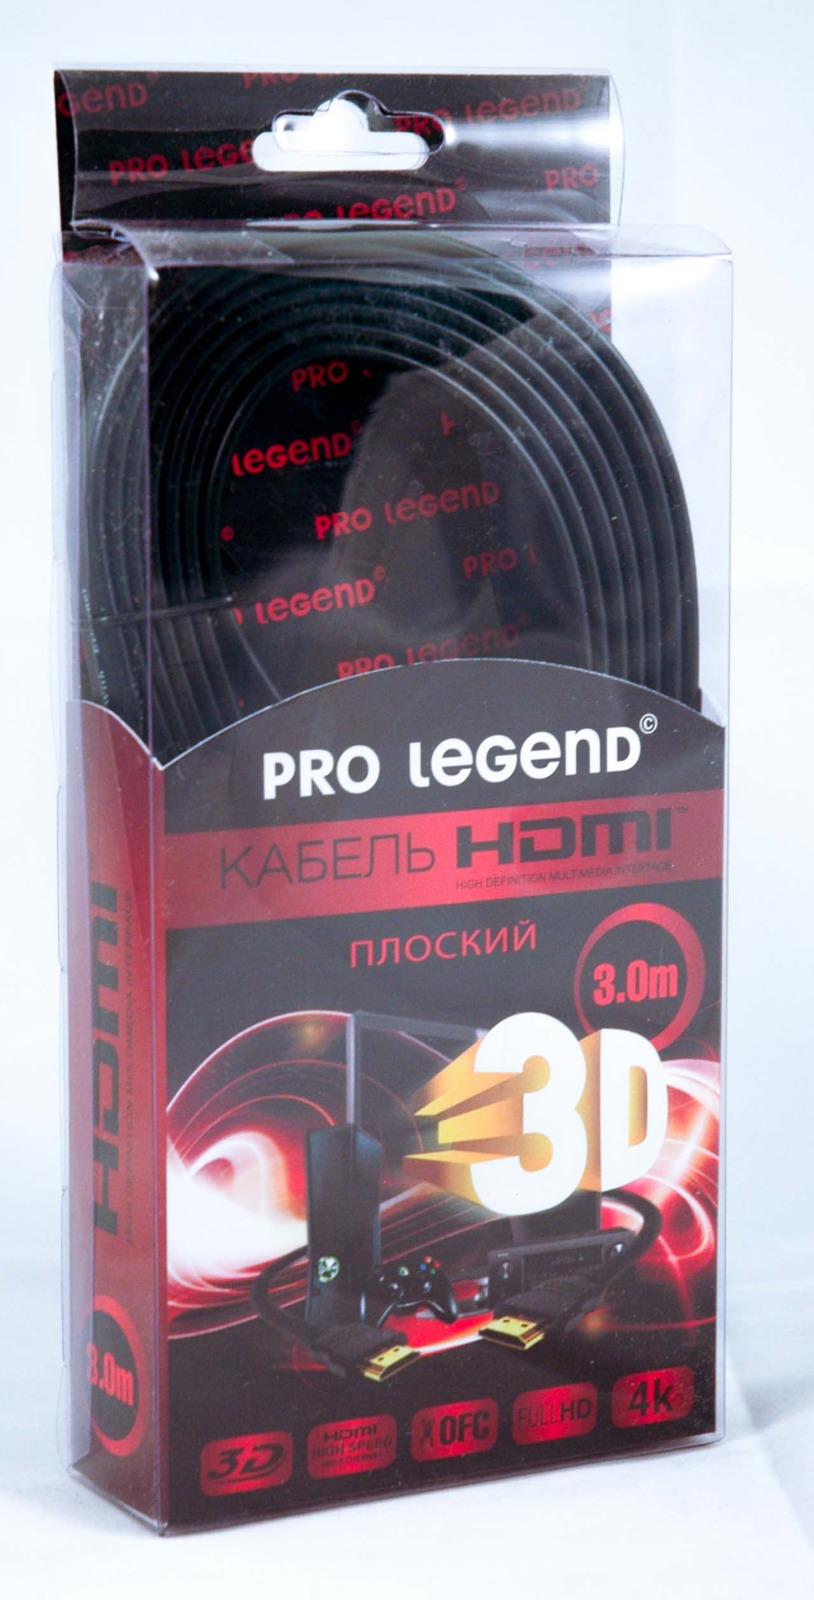 Фото - Кабель Pro Legend HDMI (M) - HDMI (M), HDFW3, ver. 1.4, HDFW3, белый, 3 м видео